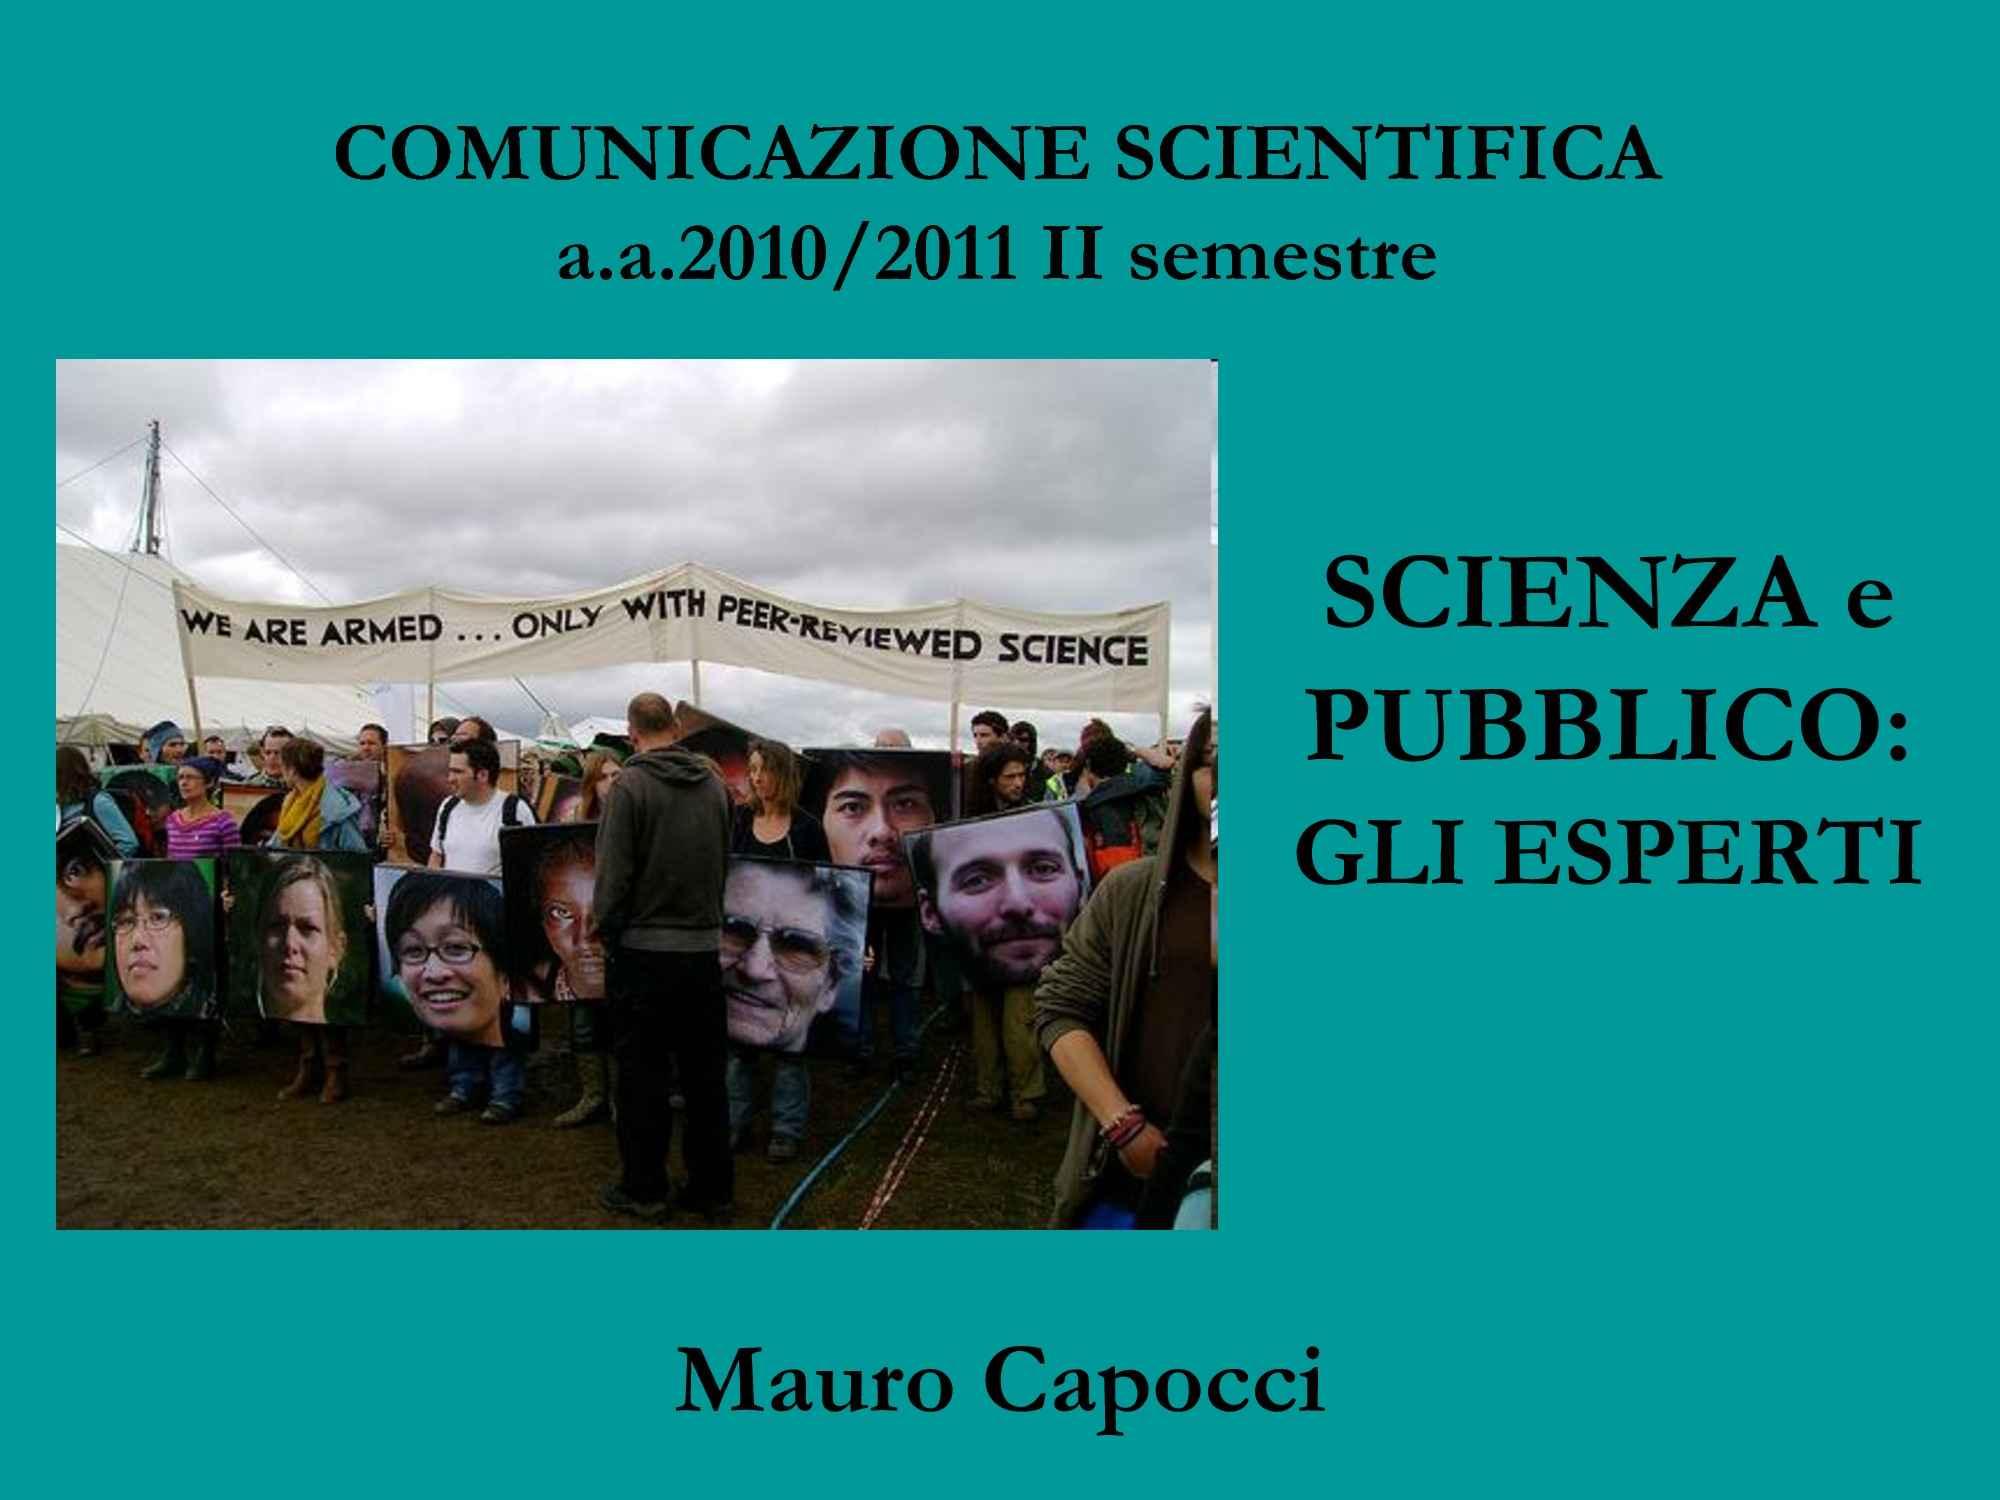 Scienza e pubblico - Evoluzione scienza e società